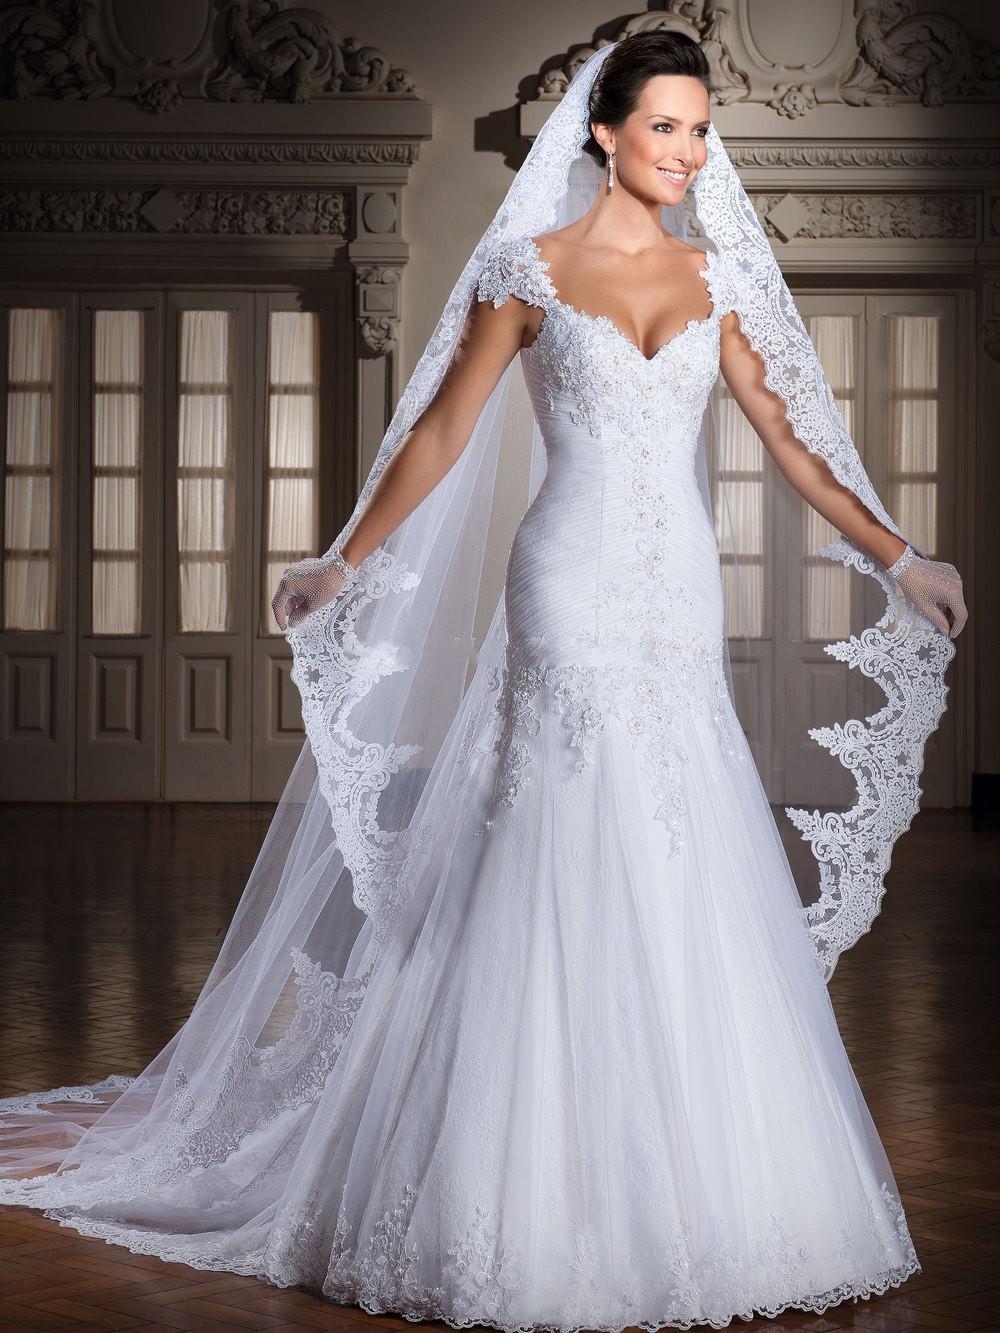 c8e7318be7 Holitas amigas que tal éste bello traje de novia ...